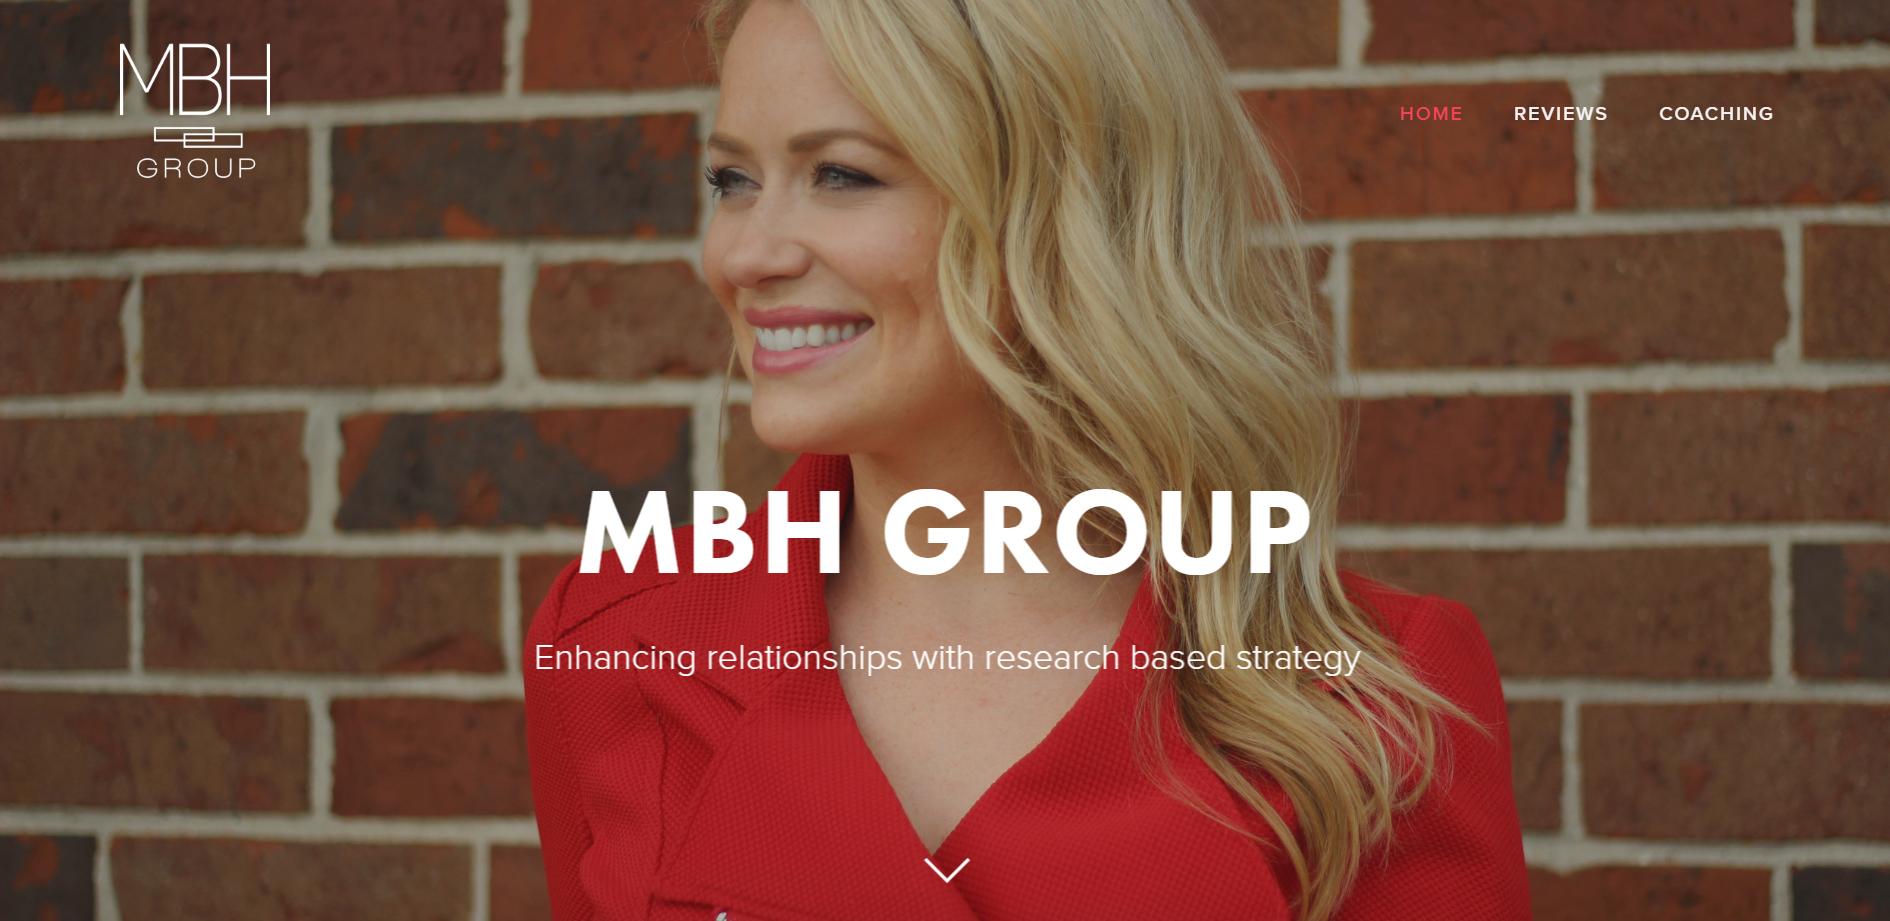 Logo, branding & site for MBH Group